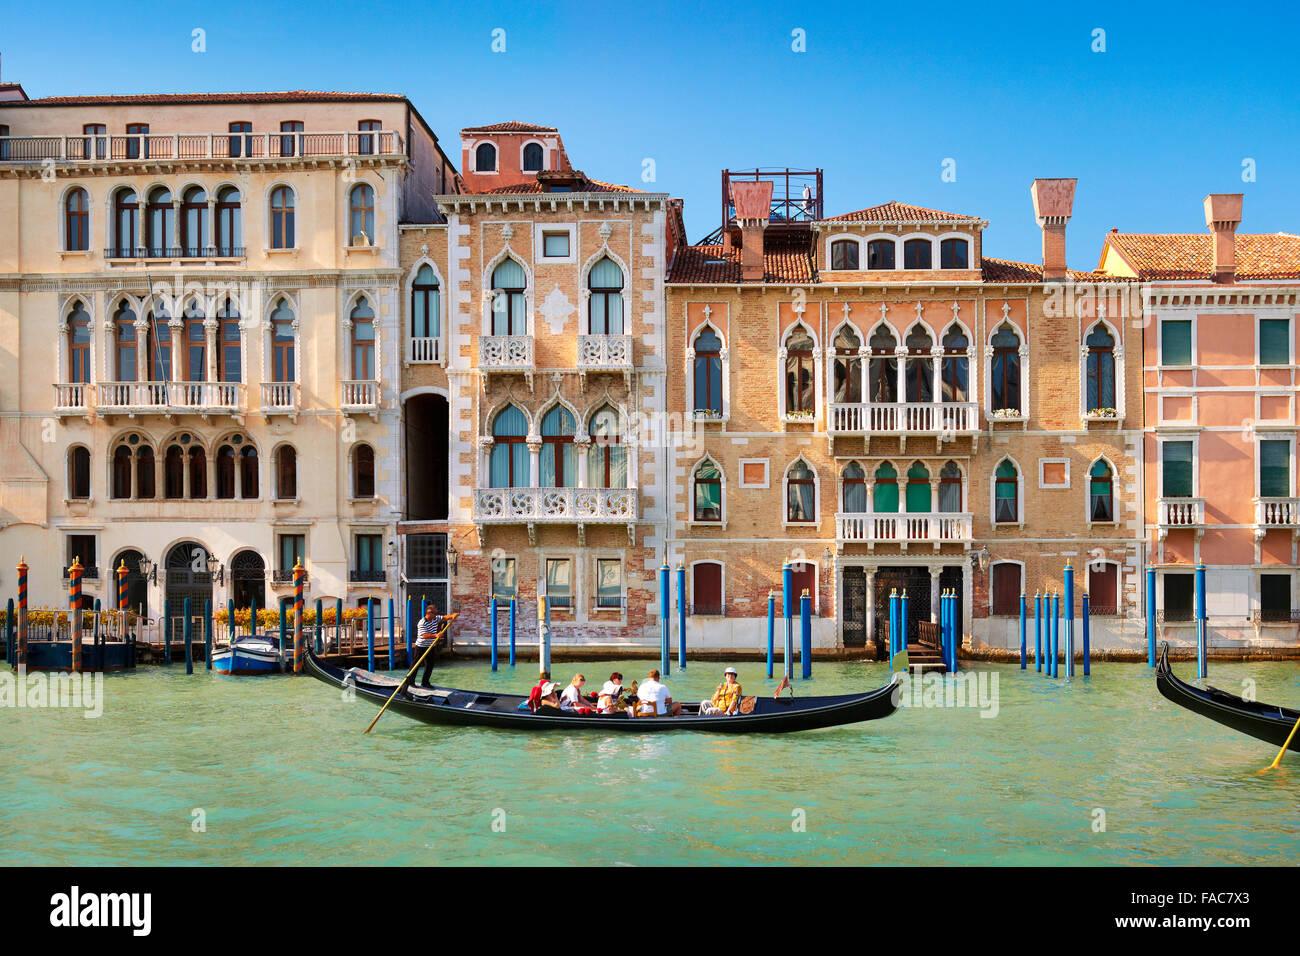 Venise, Italie - touristes en gondole sur le Grand Canal. Photo Stock